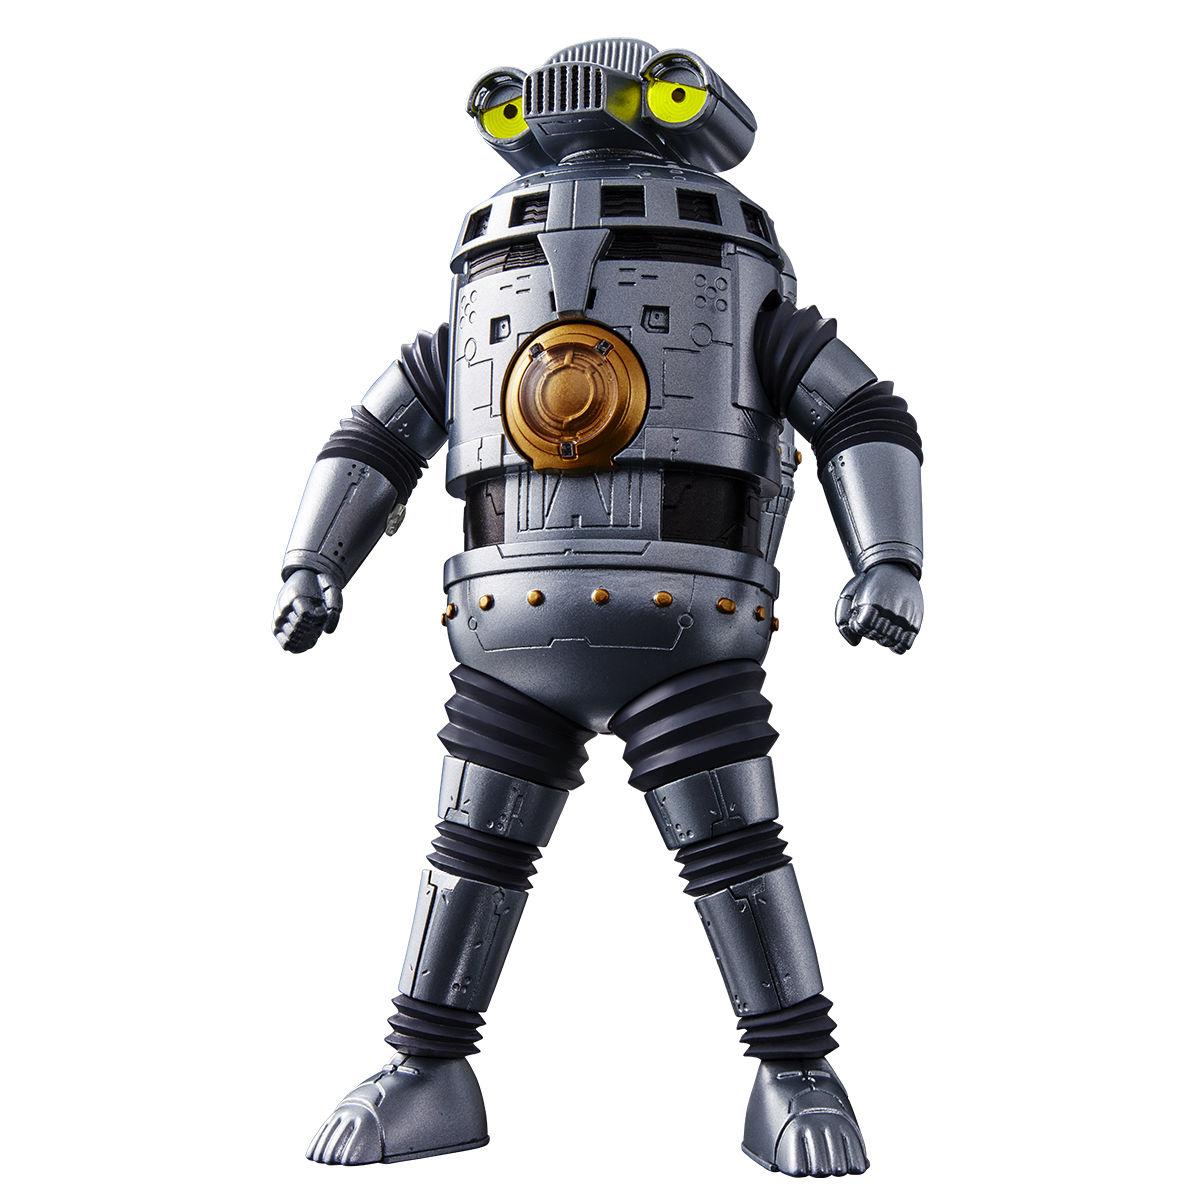 【限定販売】ウルトラマンZ『光る!鳴る! 特空機1号 セブンガー』可動フィギュア-001